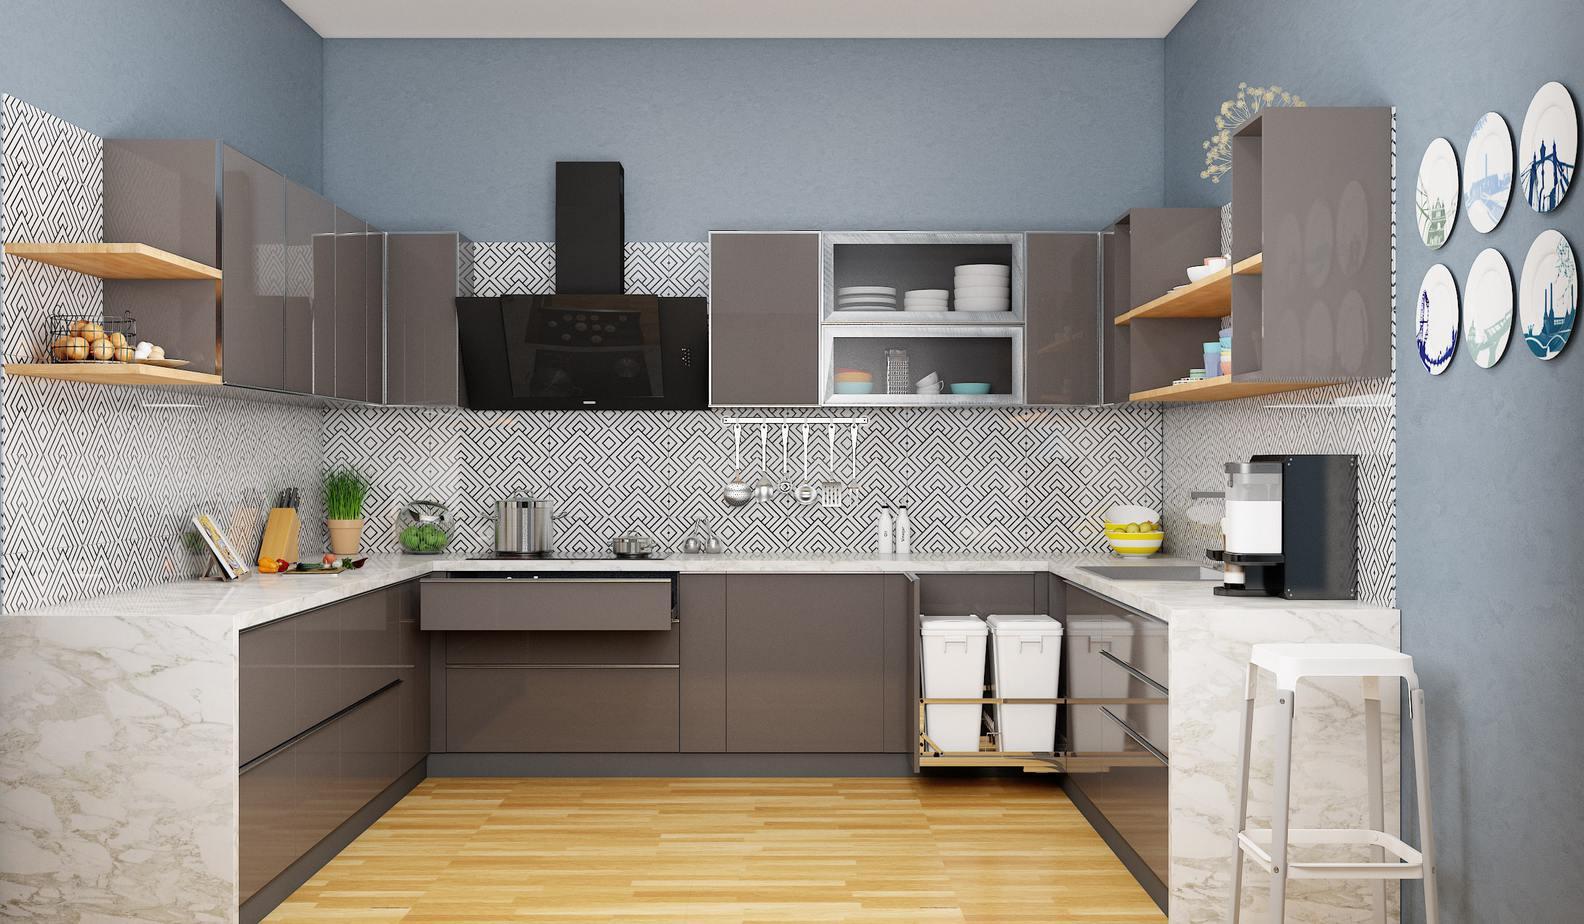 Tủ bếp chữ U đồng bộ về màu sắc với gam màu xám đậm sang sạch. Kết hợp những họa tiết trắng đen ốp tường bếp, tạo nên không gian bếp ấn tượng, tạo hứng thú nấu nướng rất hiệu quả.